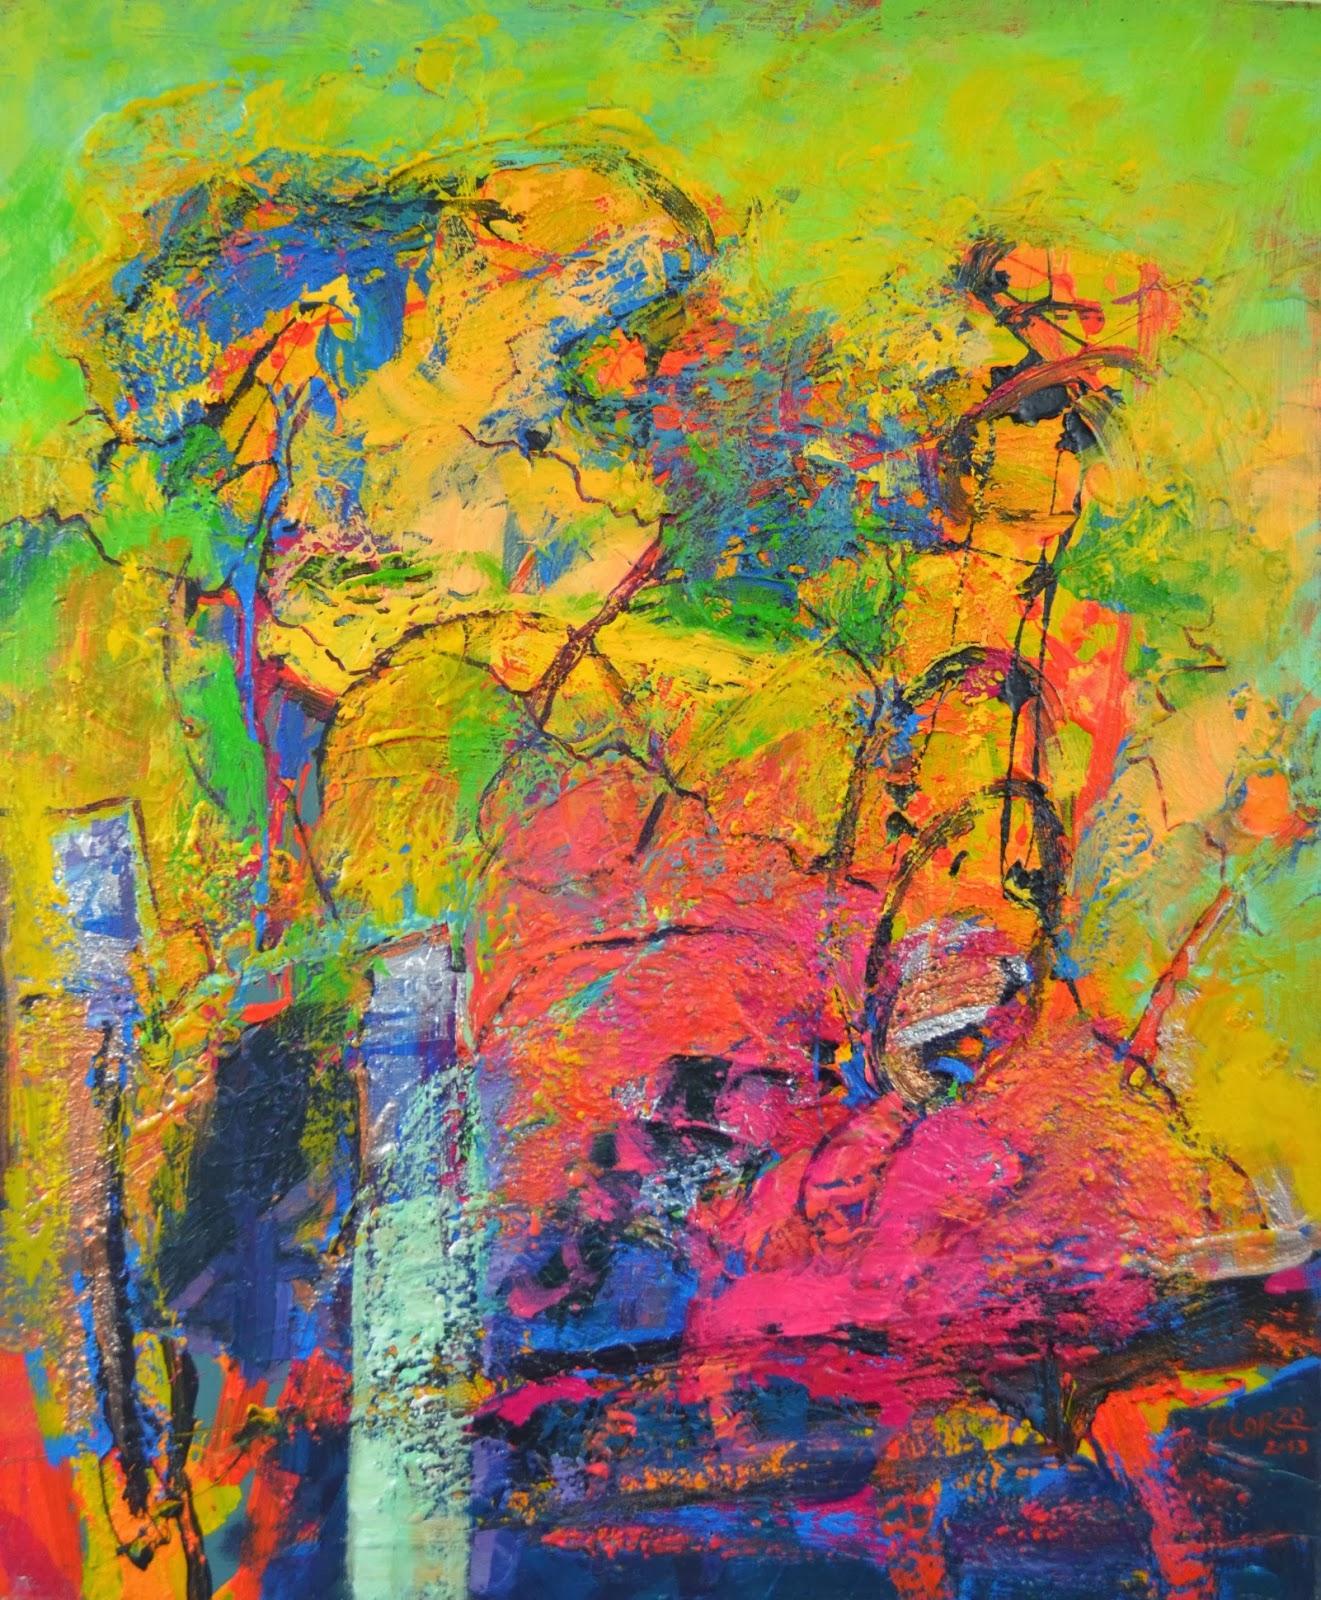 Cuadros modernos abstractos cuadro moderno con texturas - Cuadros con texturas abstractos ...